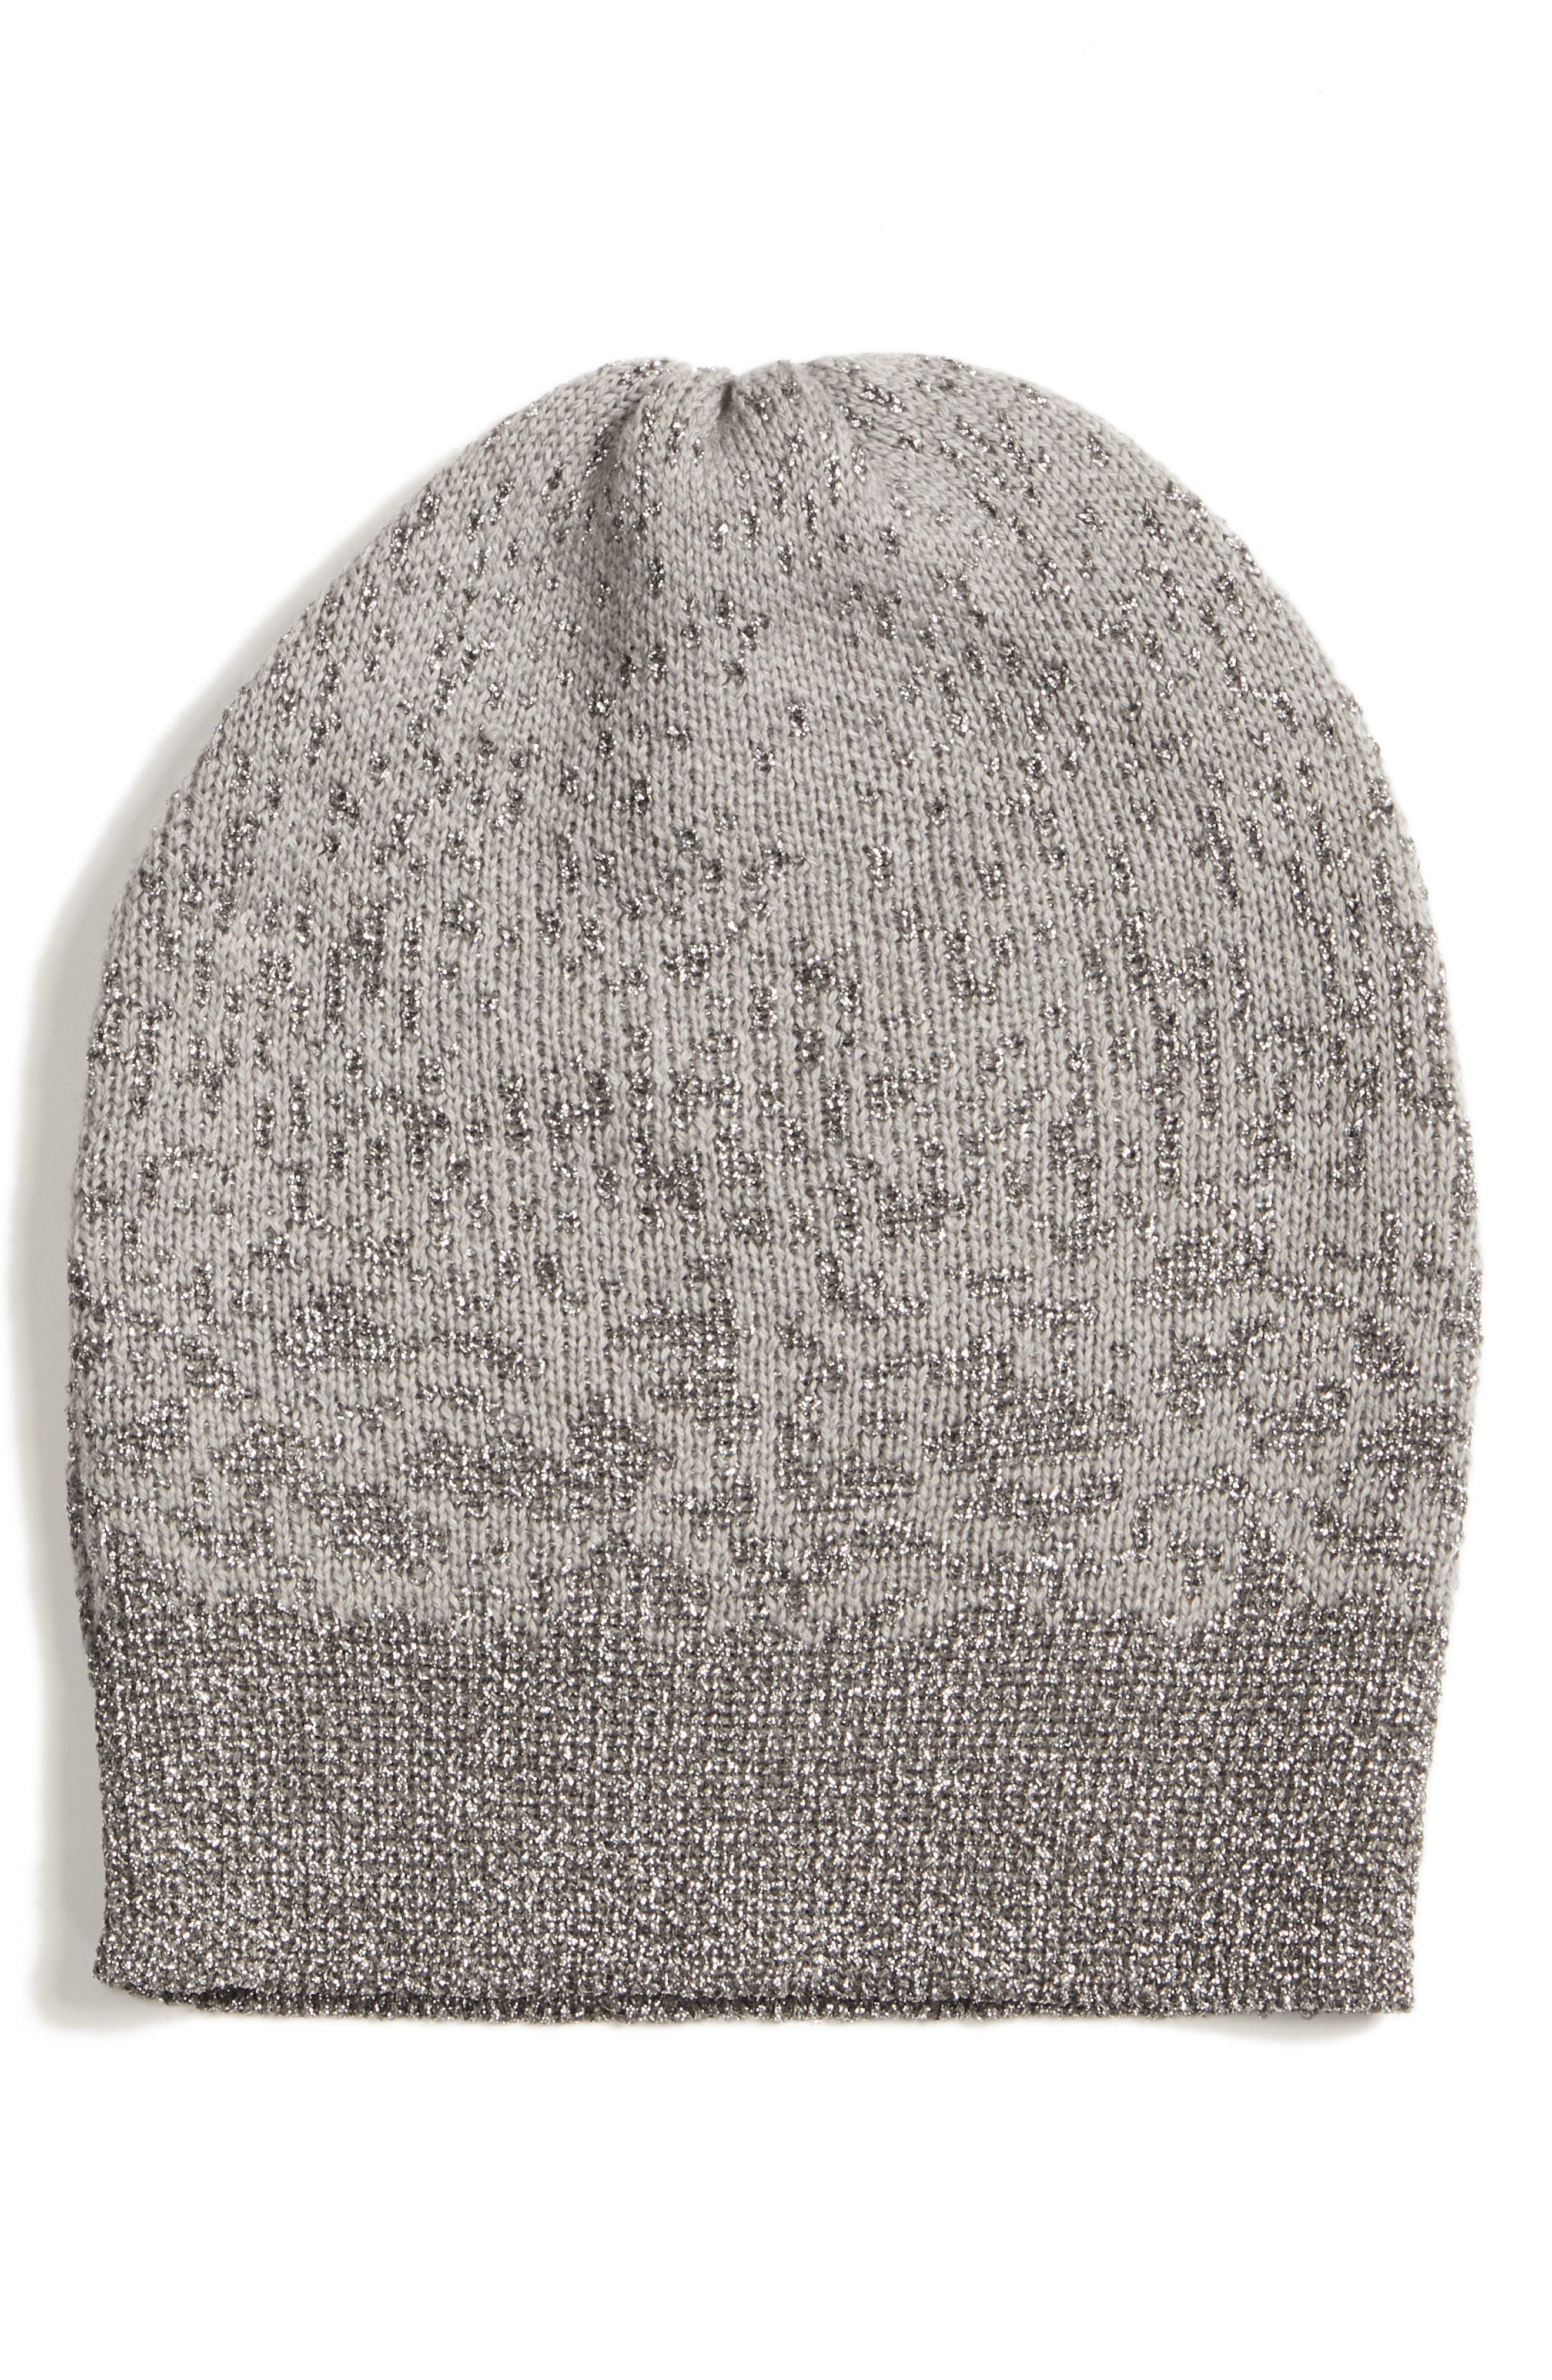 Eileen Fisher Metallic Beanie Hat 6d298a6c0a7